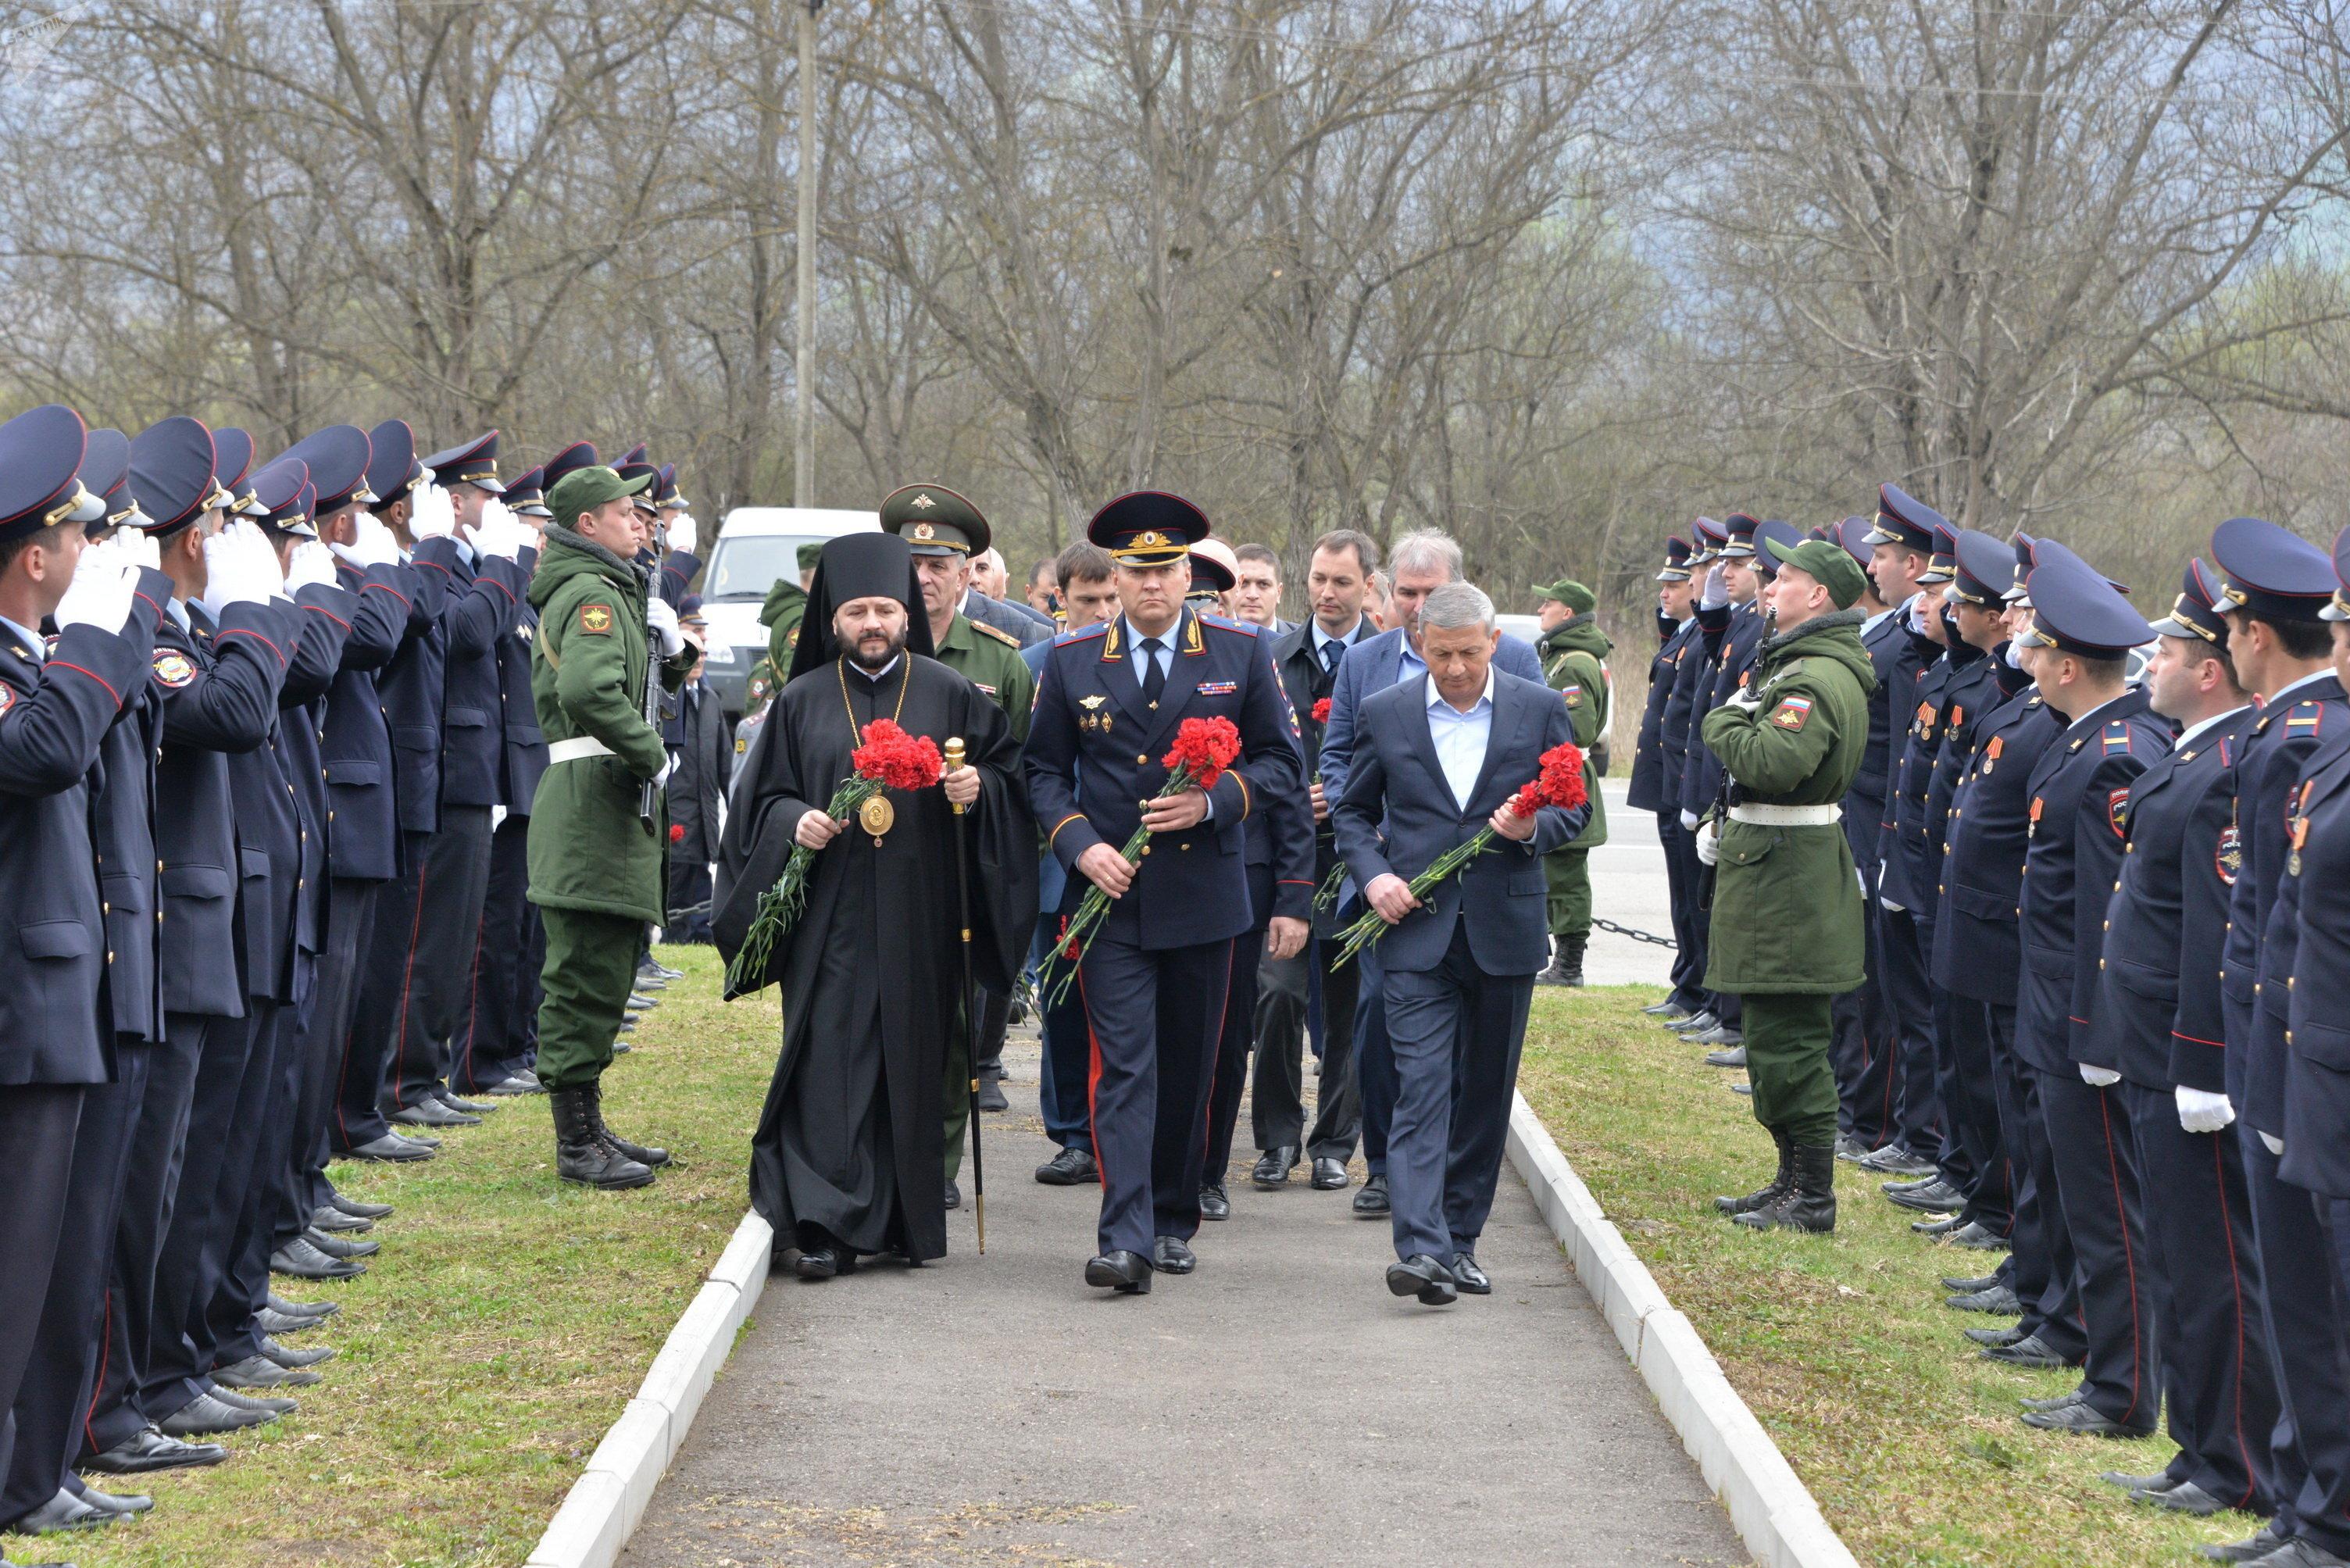 Мемориал Эльхотовские ворота. С Главой РСО-А В. Битаровым и Министром ВД М. Скоковым